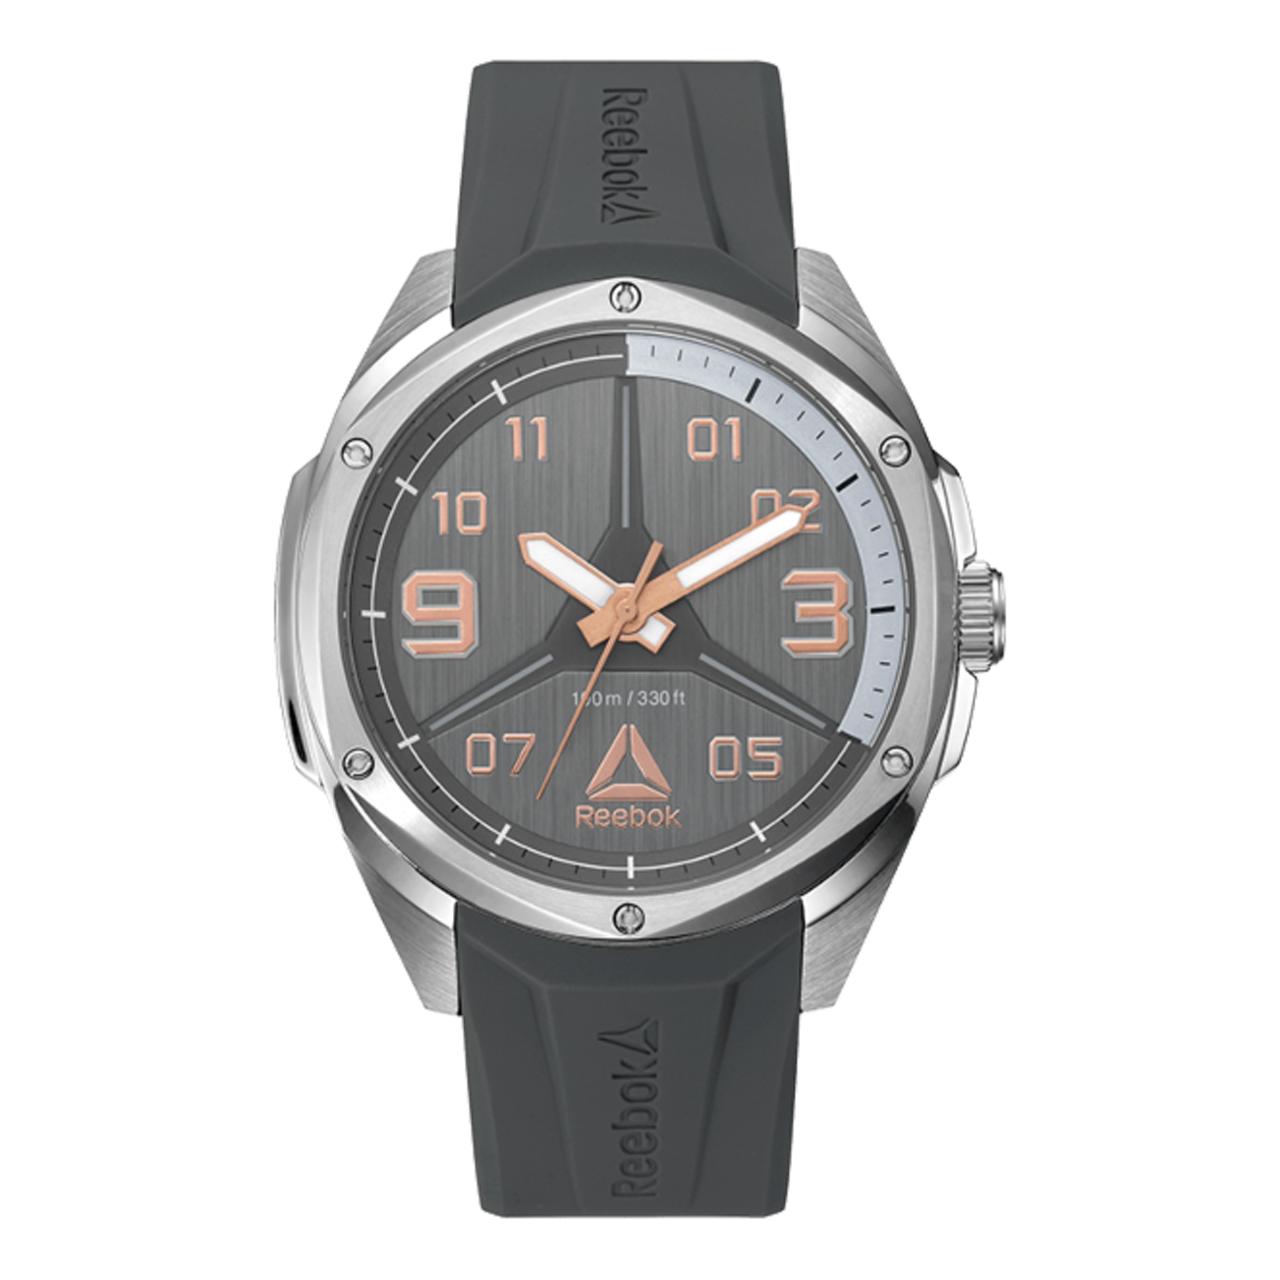 ساعت مچی عقربه ای مردانه ریباک مدل RD-UPP-G2-S1IA-A3